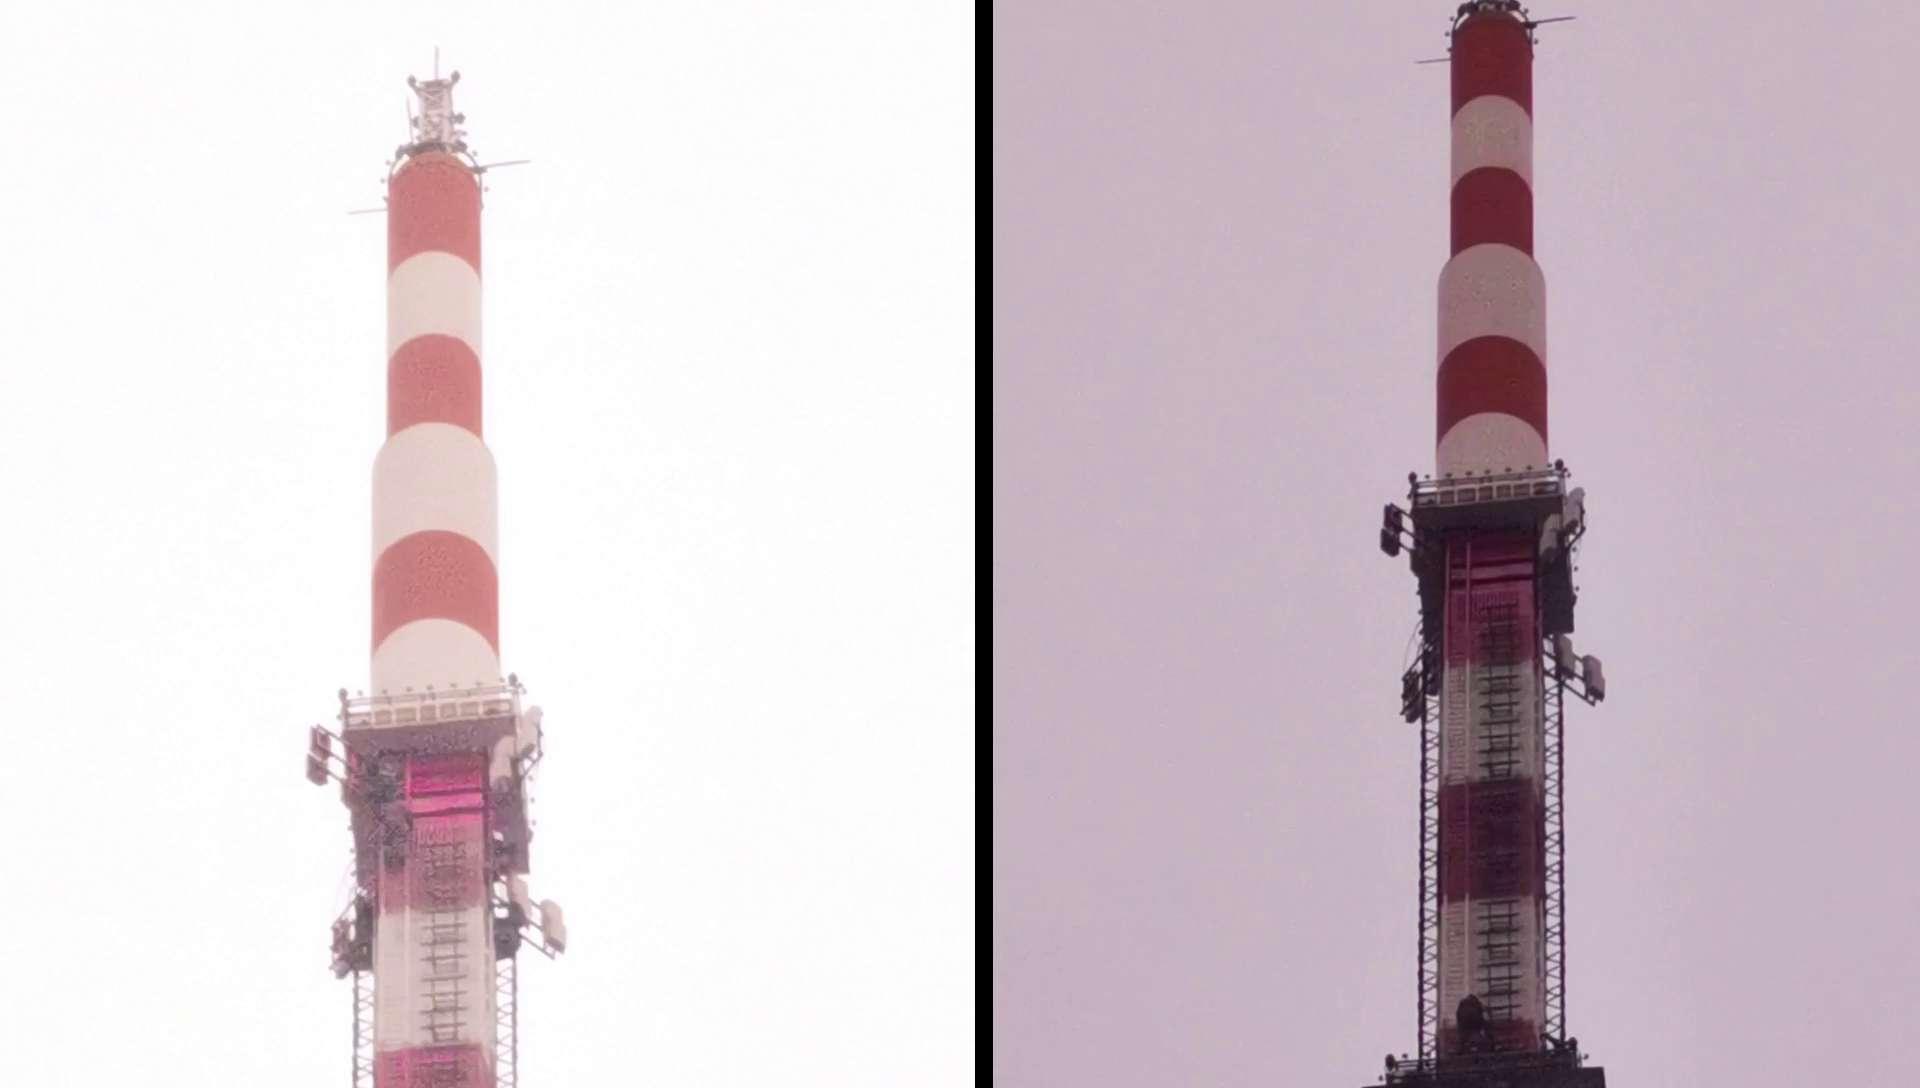 塔尖上的美容师|P40延时摄影带你揭秘405米电视塔桅杆刷漆,花粉随手拍-花粉俱乐部